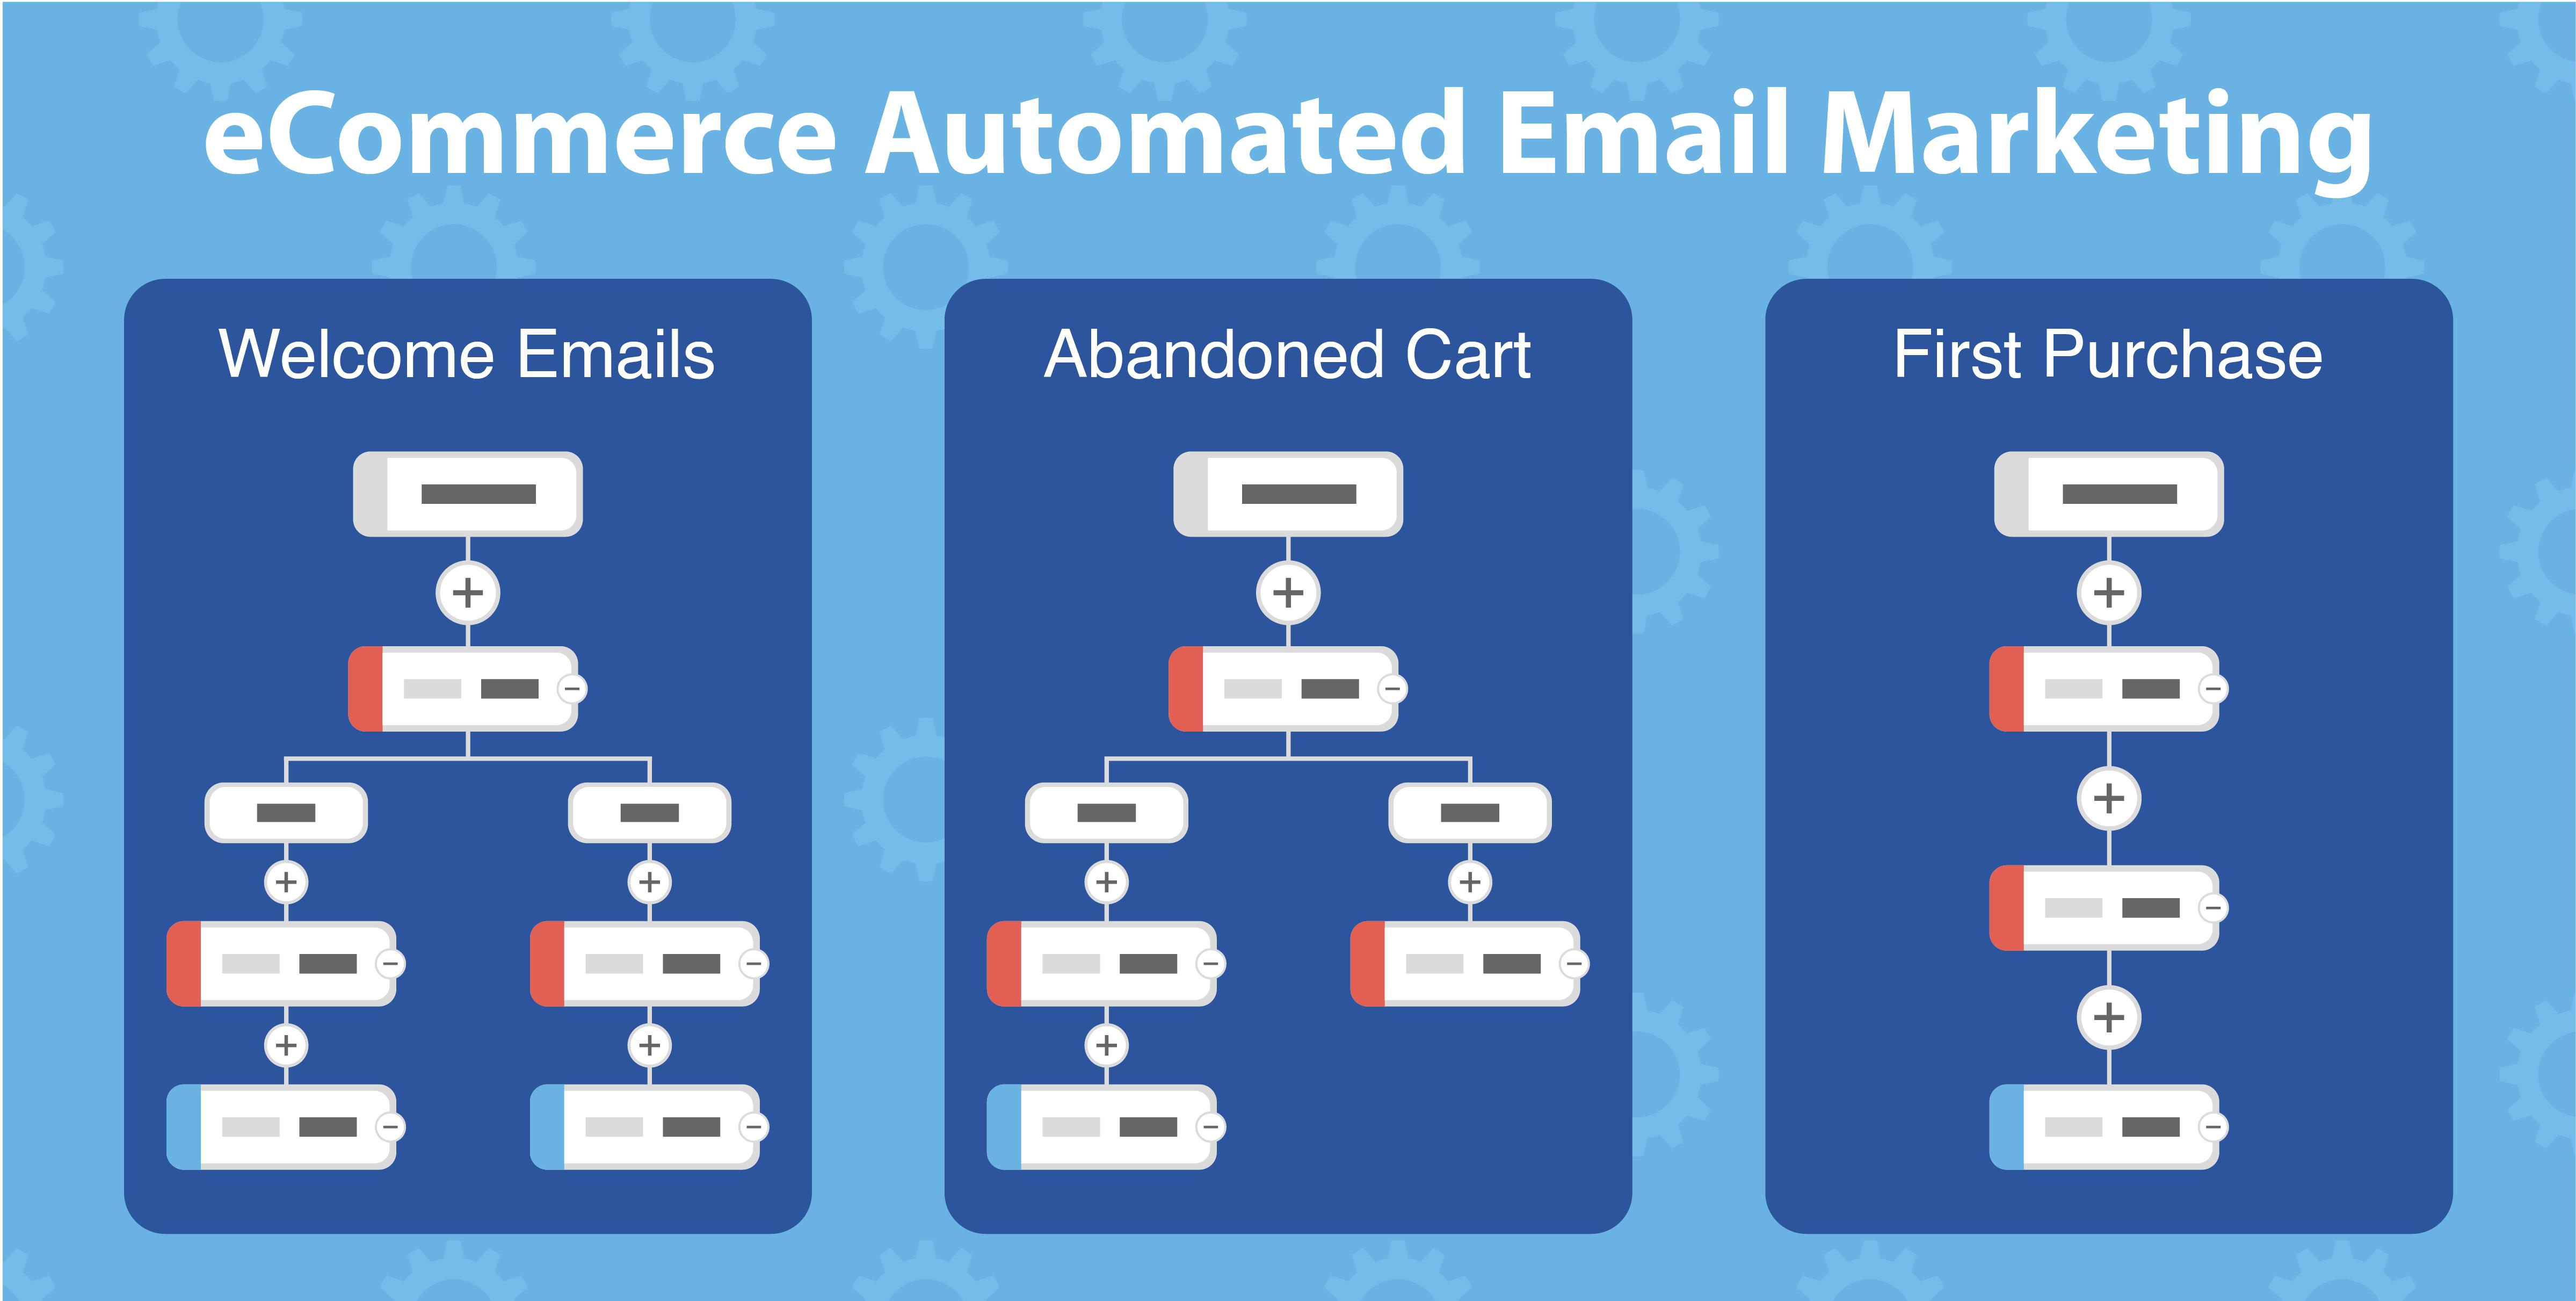 eCommerce Automated Email Marketing